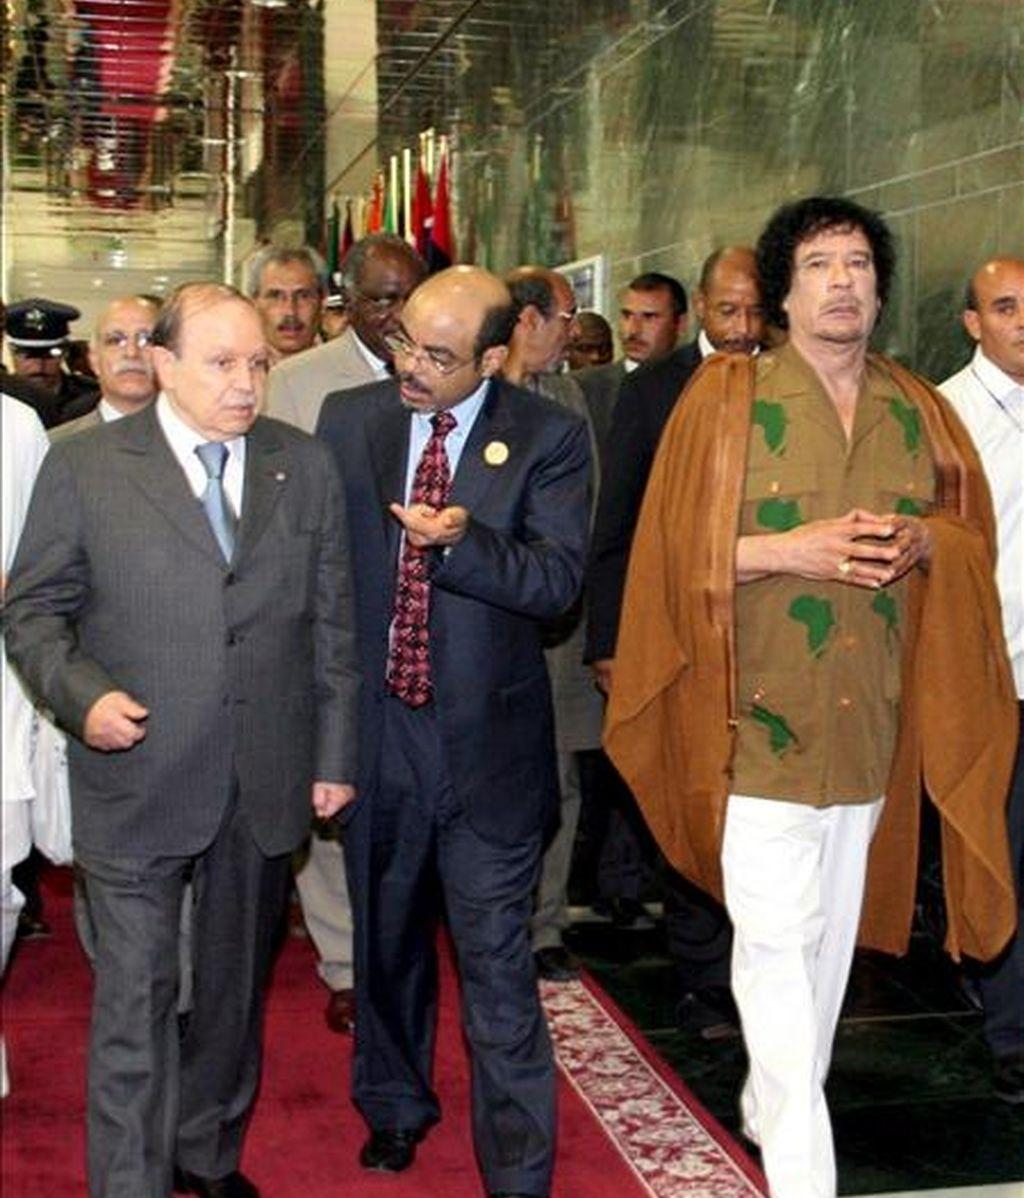 El líder libio y presidente de la Unión Africana, Muamar Gadafi (d), y el presidente de Argelia, Abdelaziz Bouteflika (i), a su llegada ayer a la vigésimo primera cumbre del Comité de Dirección de la Nueva Asociación para el Desarrollo de África (NEPAD), que se celebró en Sirte, Libia. EFE